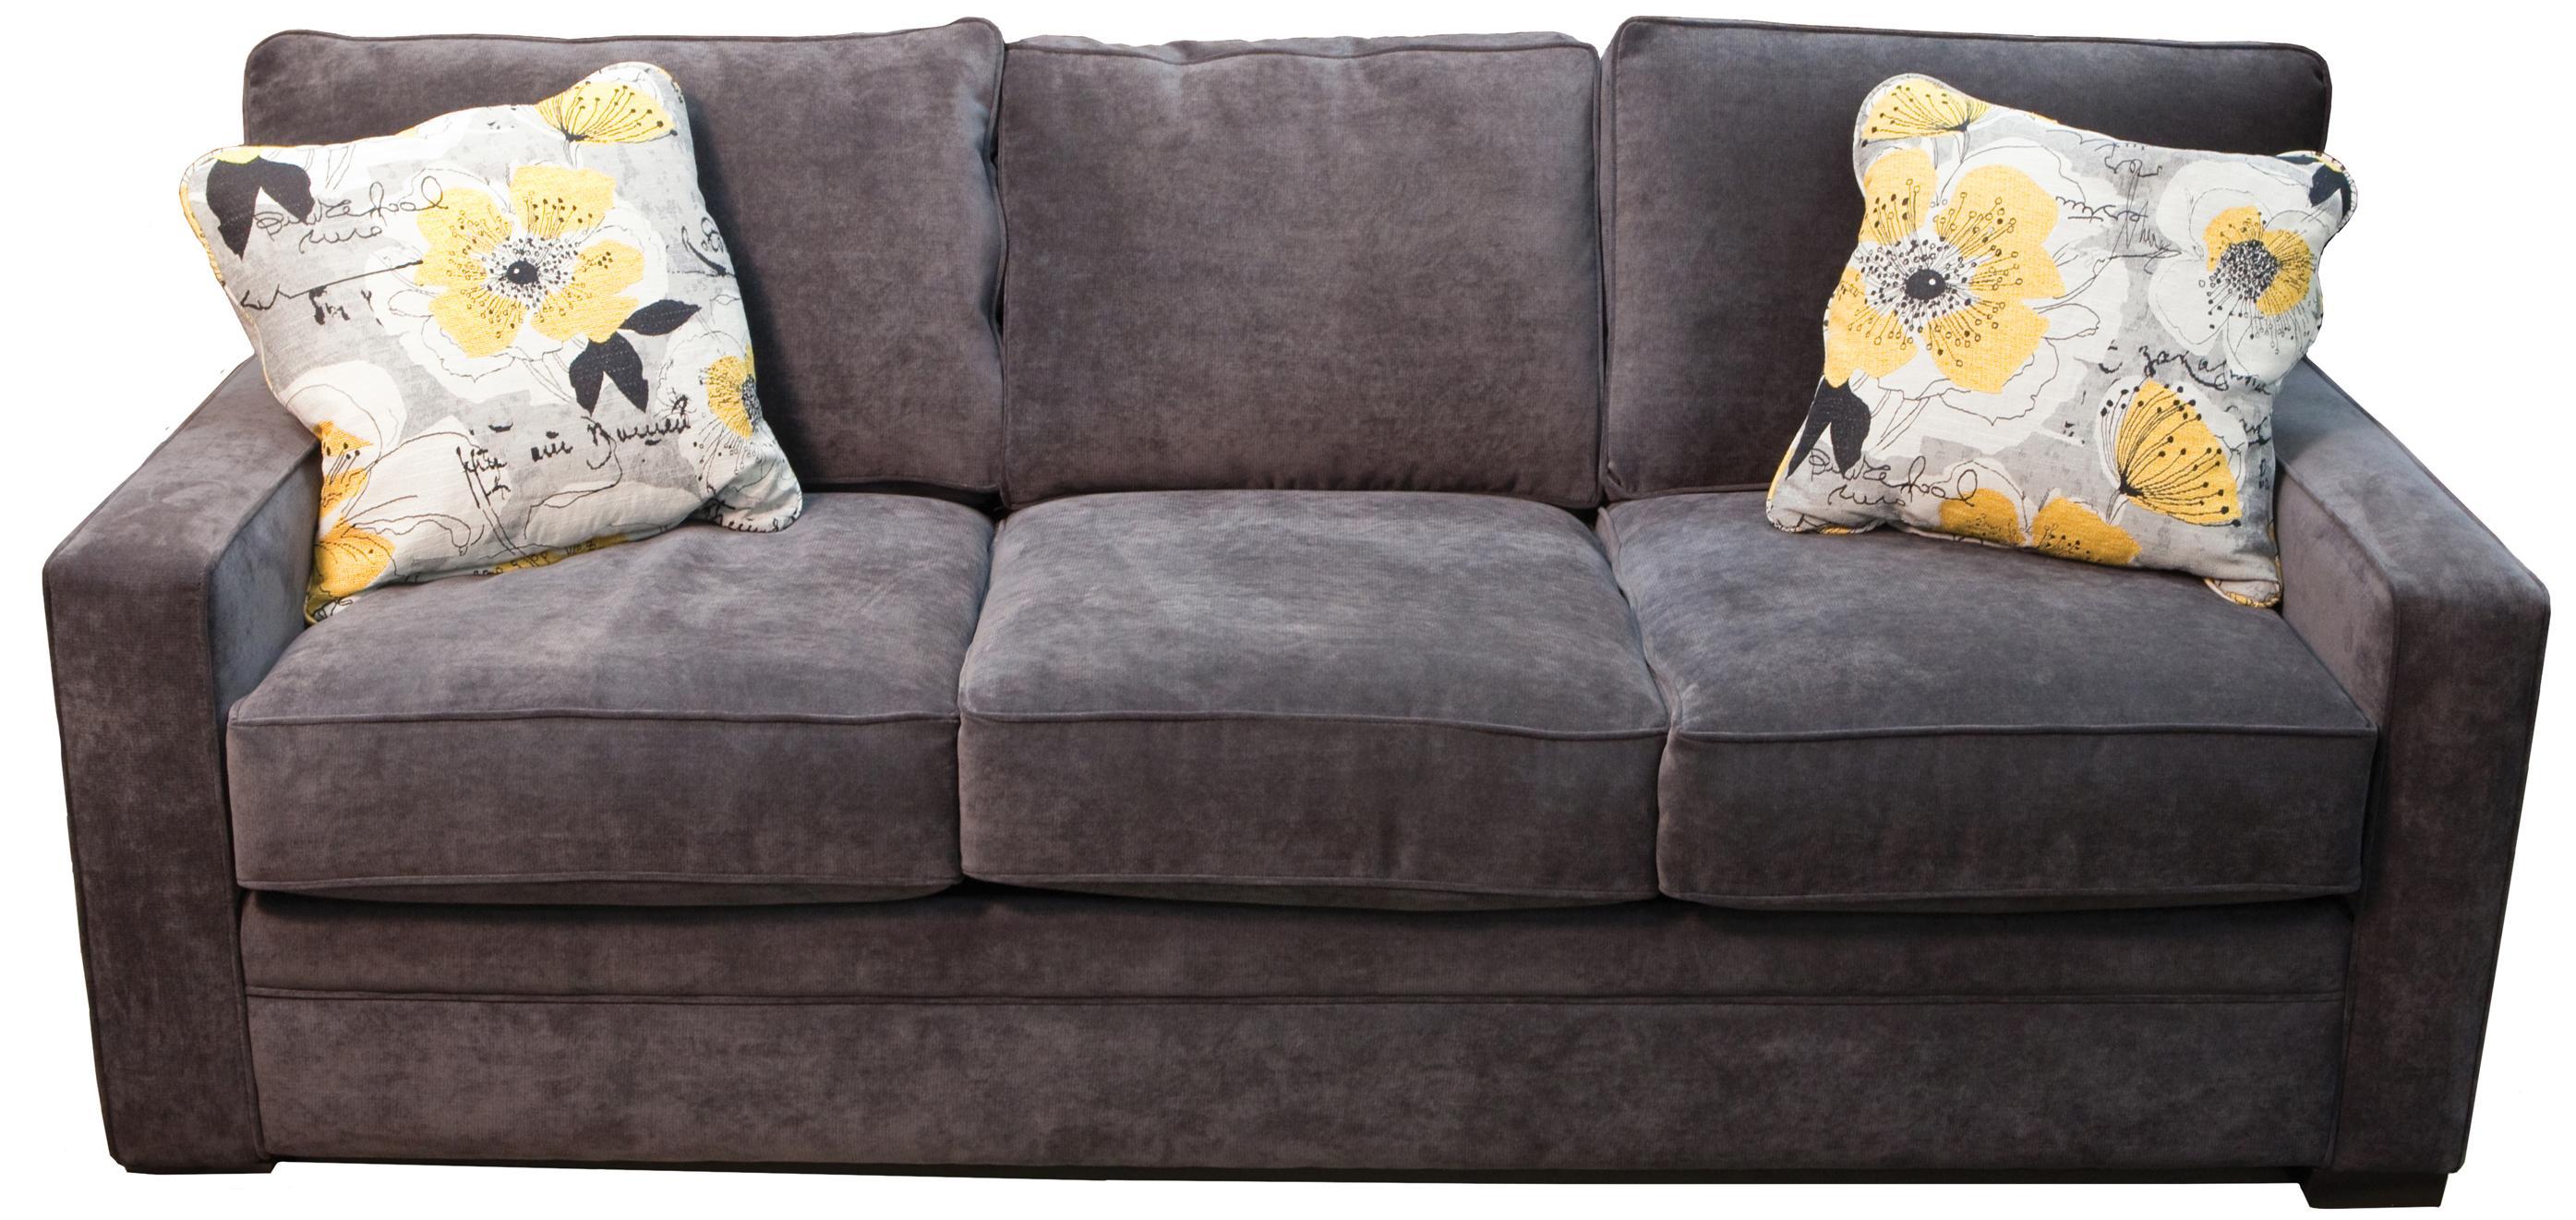 Sofa with Pluma Plush Cushions